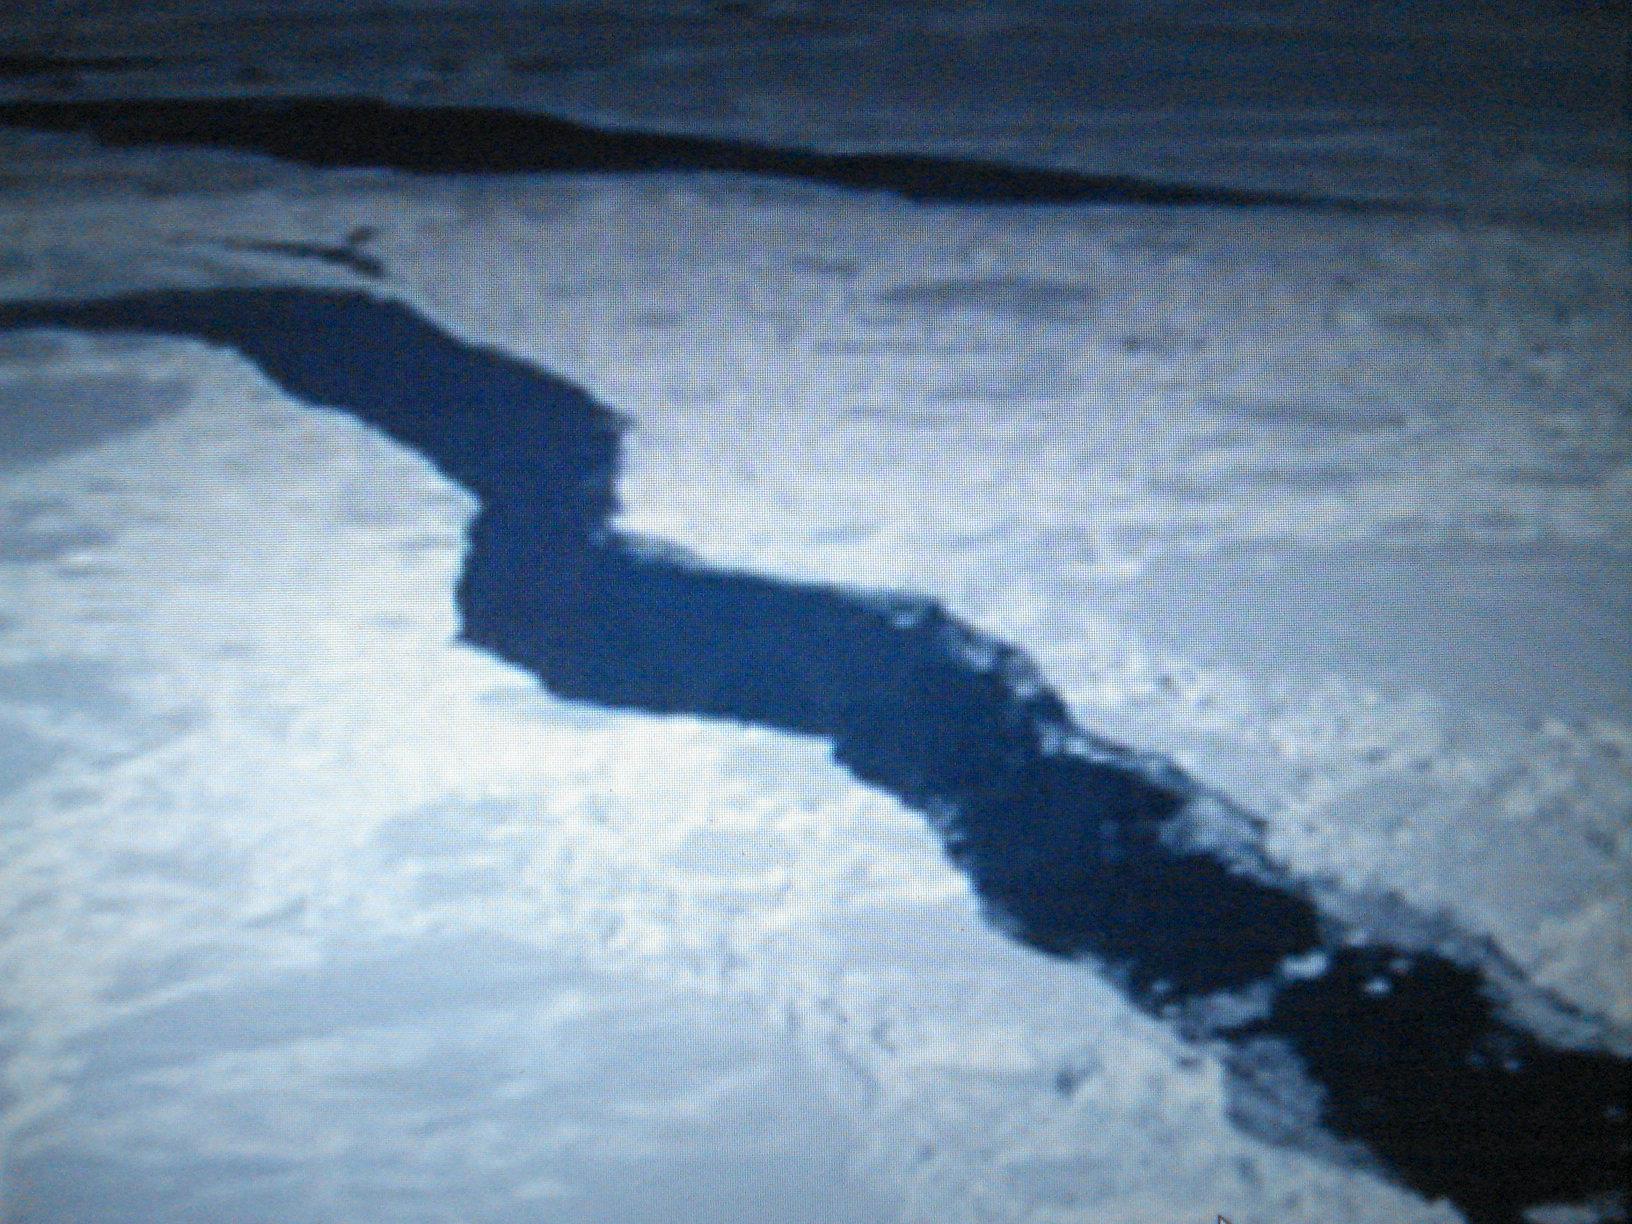 Ruptura del hielo, se abren vallas insalvables.